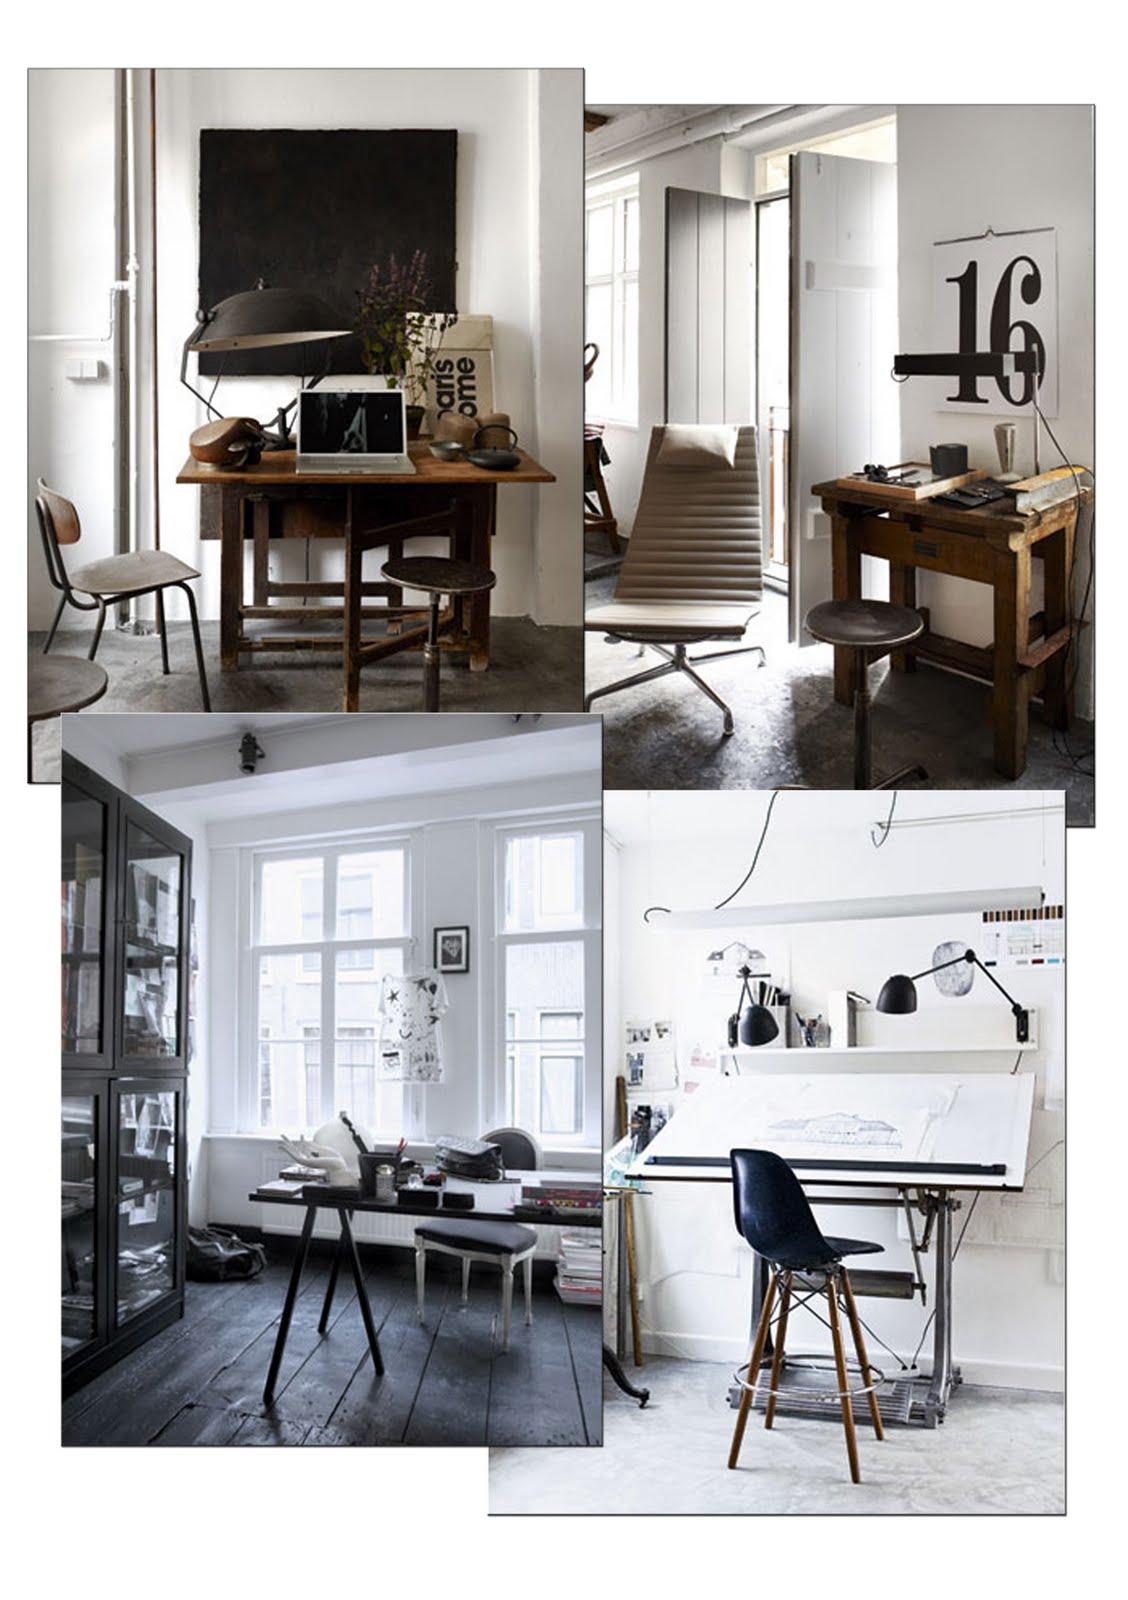 Espacios de trabajo borboleta decoraci n for Decoracion de espacios de trabajo